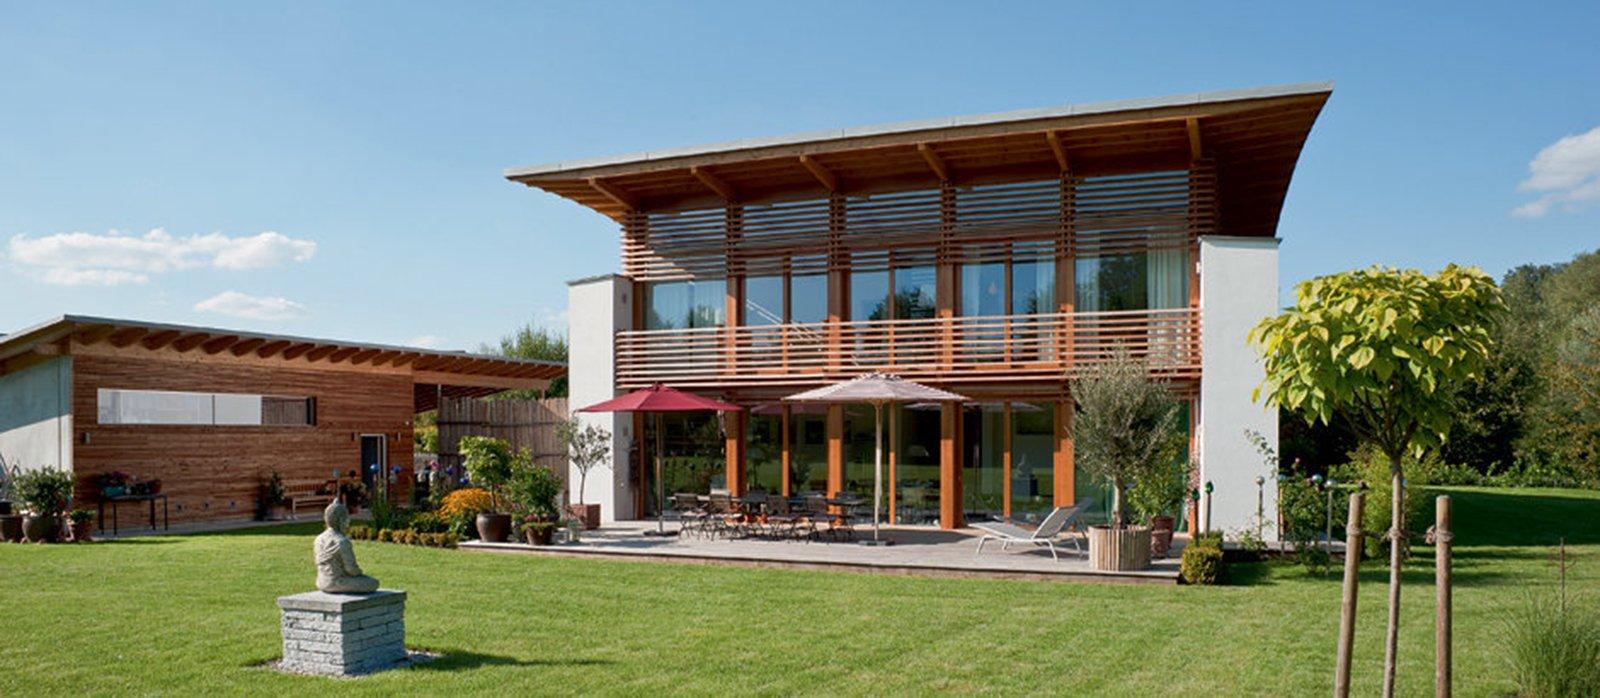 Bioarchitettura e case ecologiche prefabbricate in legno for Foto di case in legno